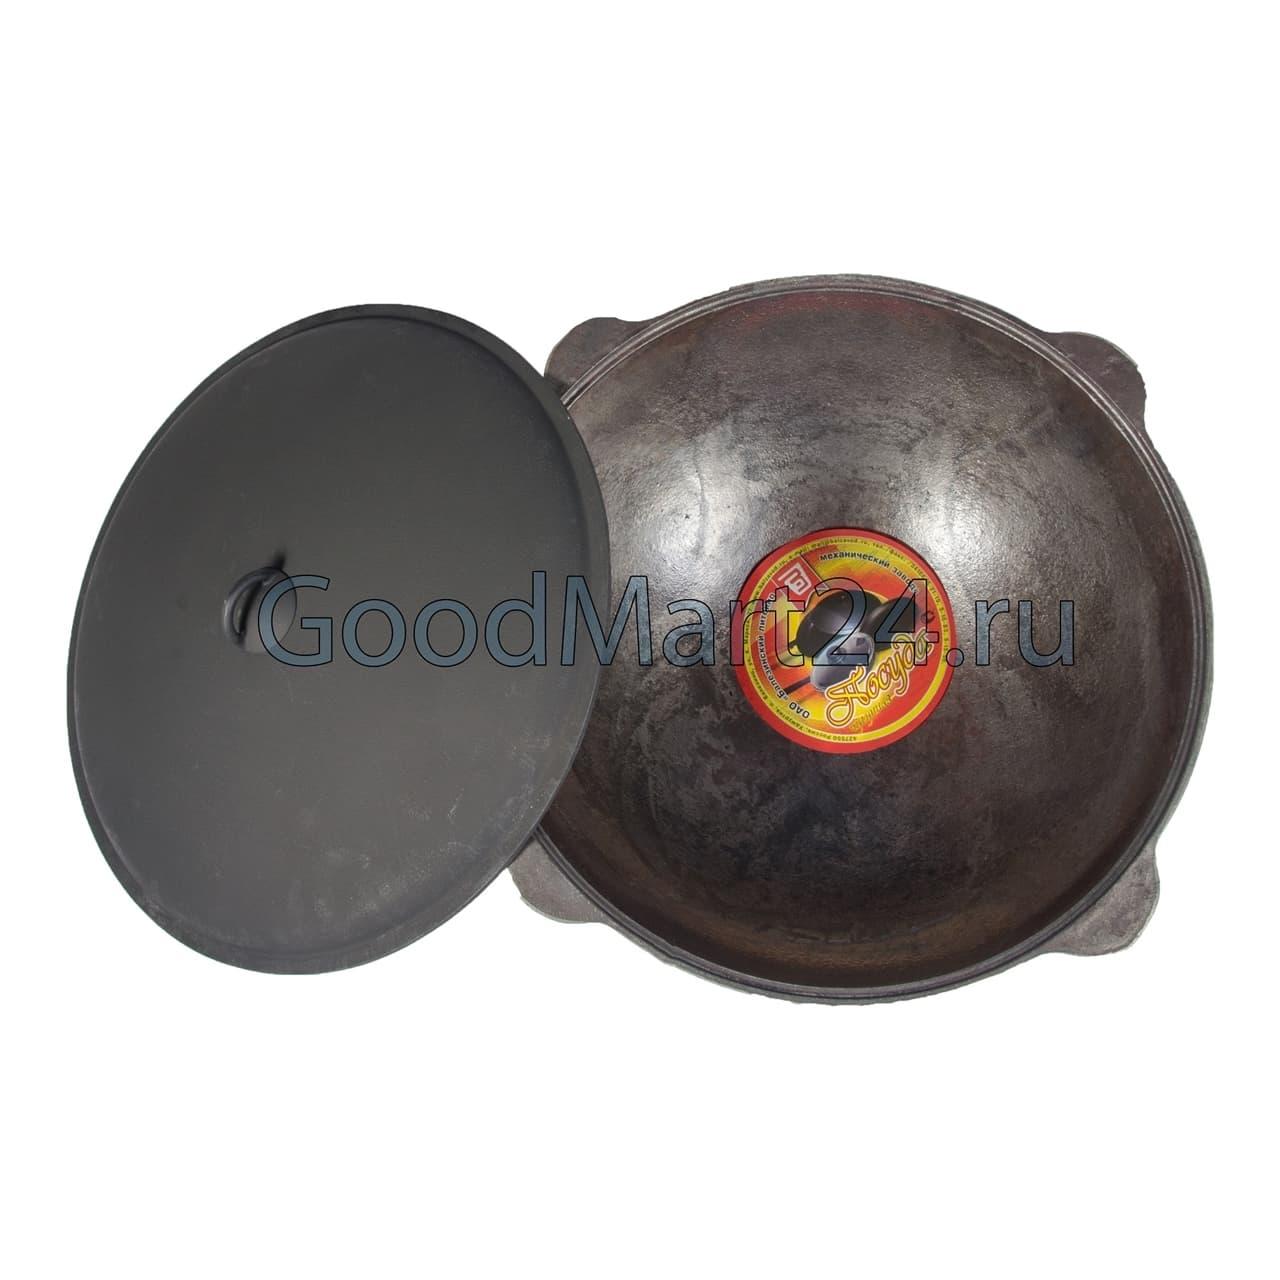 Чугунный казан 12 л. Балезинский ЛМЗ + Печь d-360 мм сталь 2 мм. - фото 4844